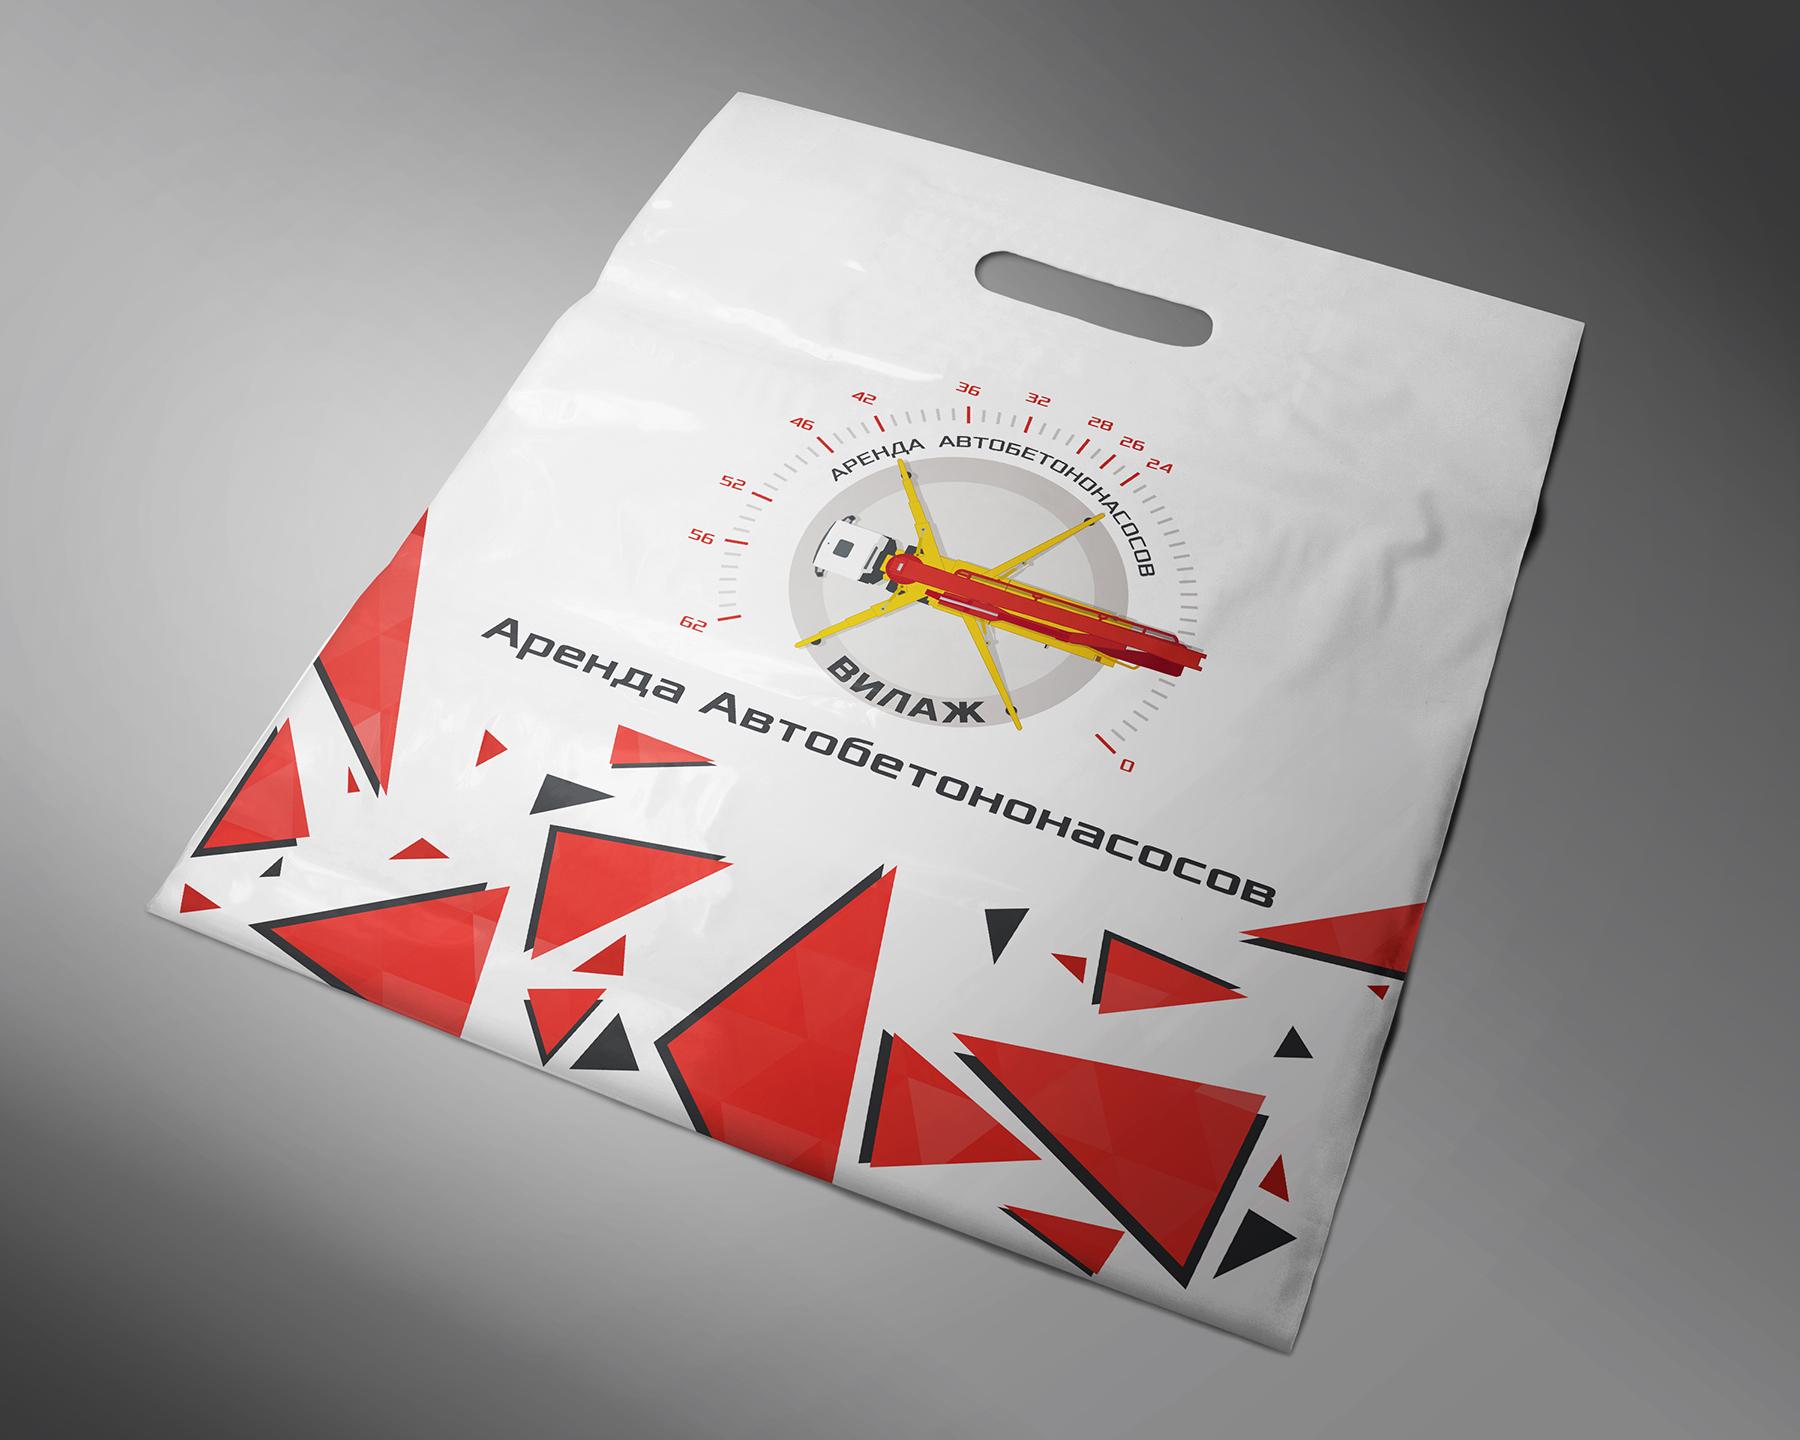 Разработать Брендбук с использованием готового логотипа фото f_3435fbdb96b9b735.jpg